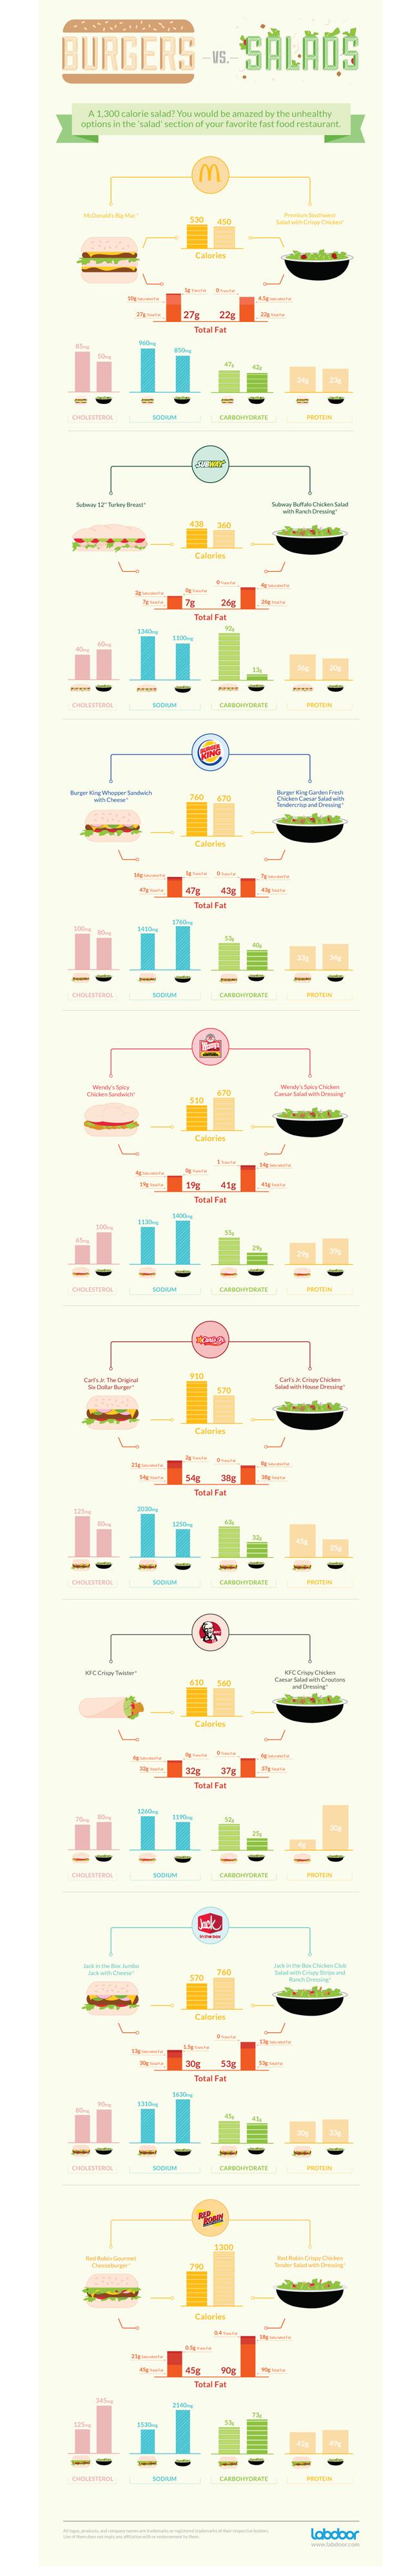 Burger vs salad